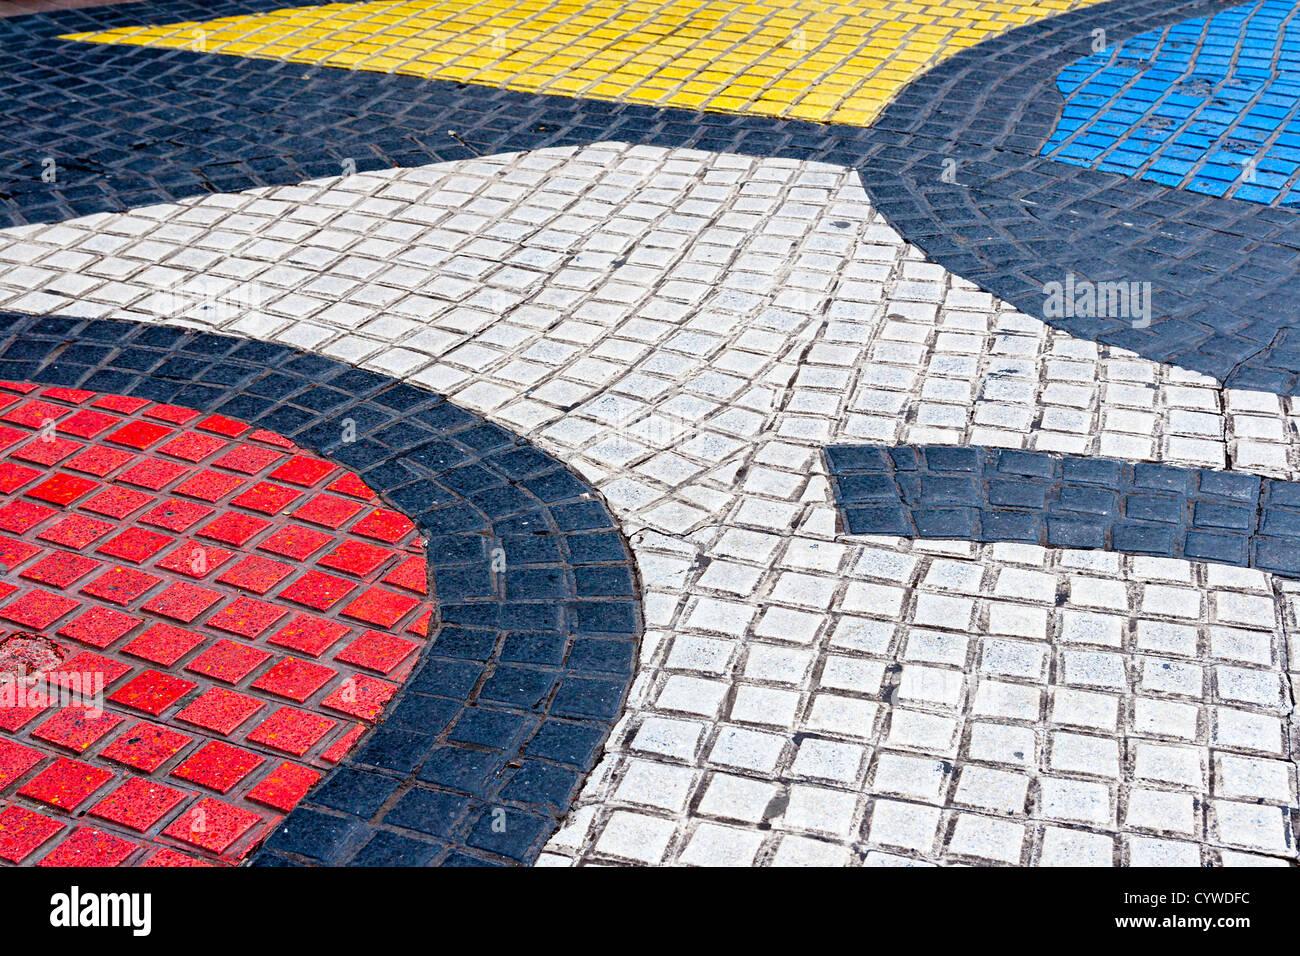 Dettaglio del mosaico in Les Rambles, Barcellona Immagini Stock